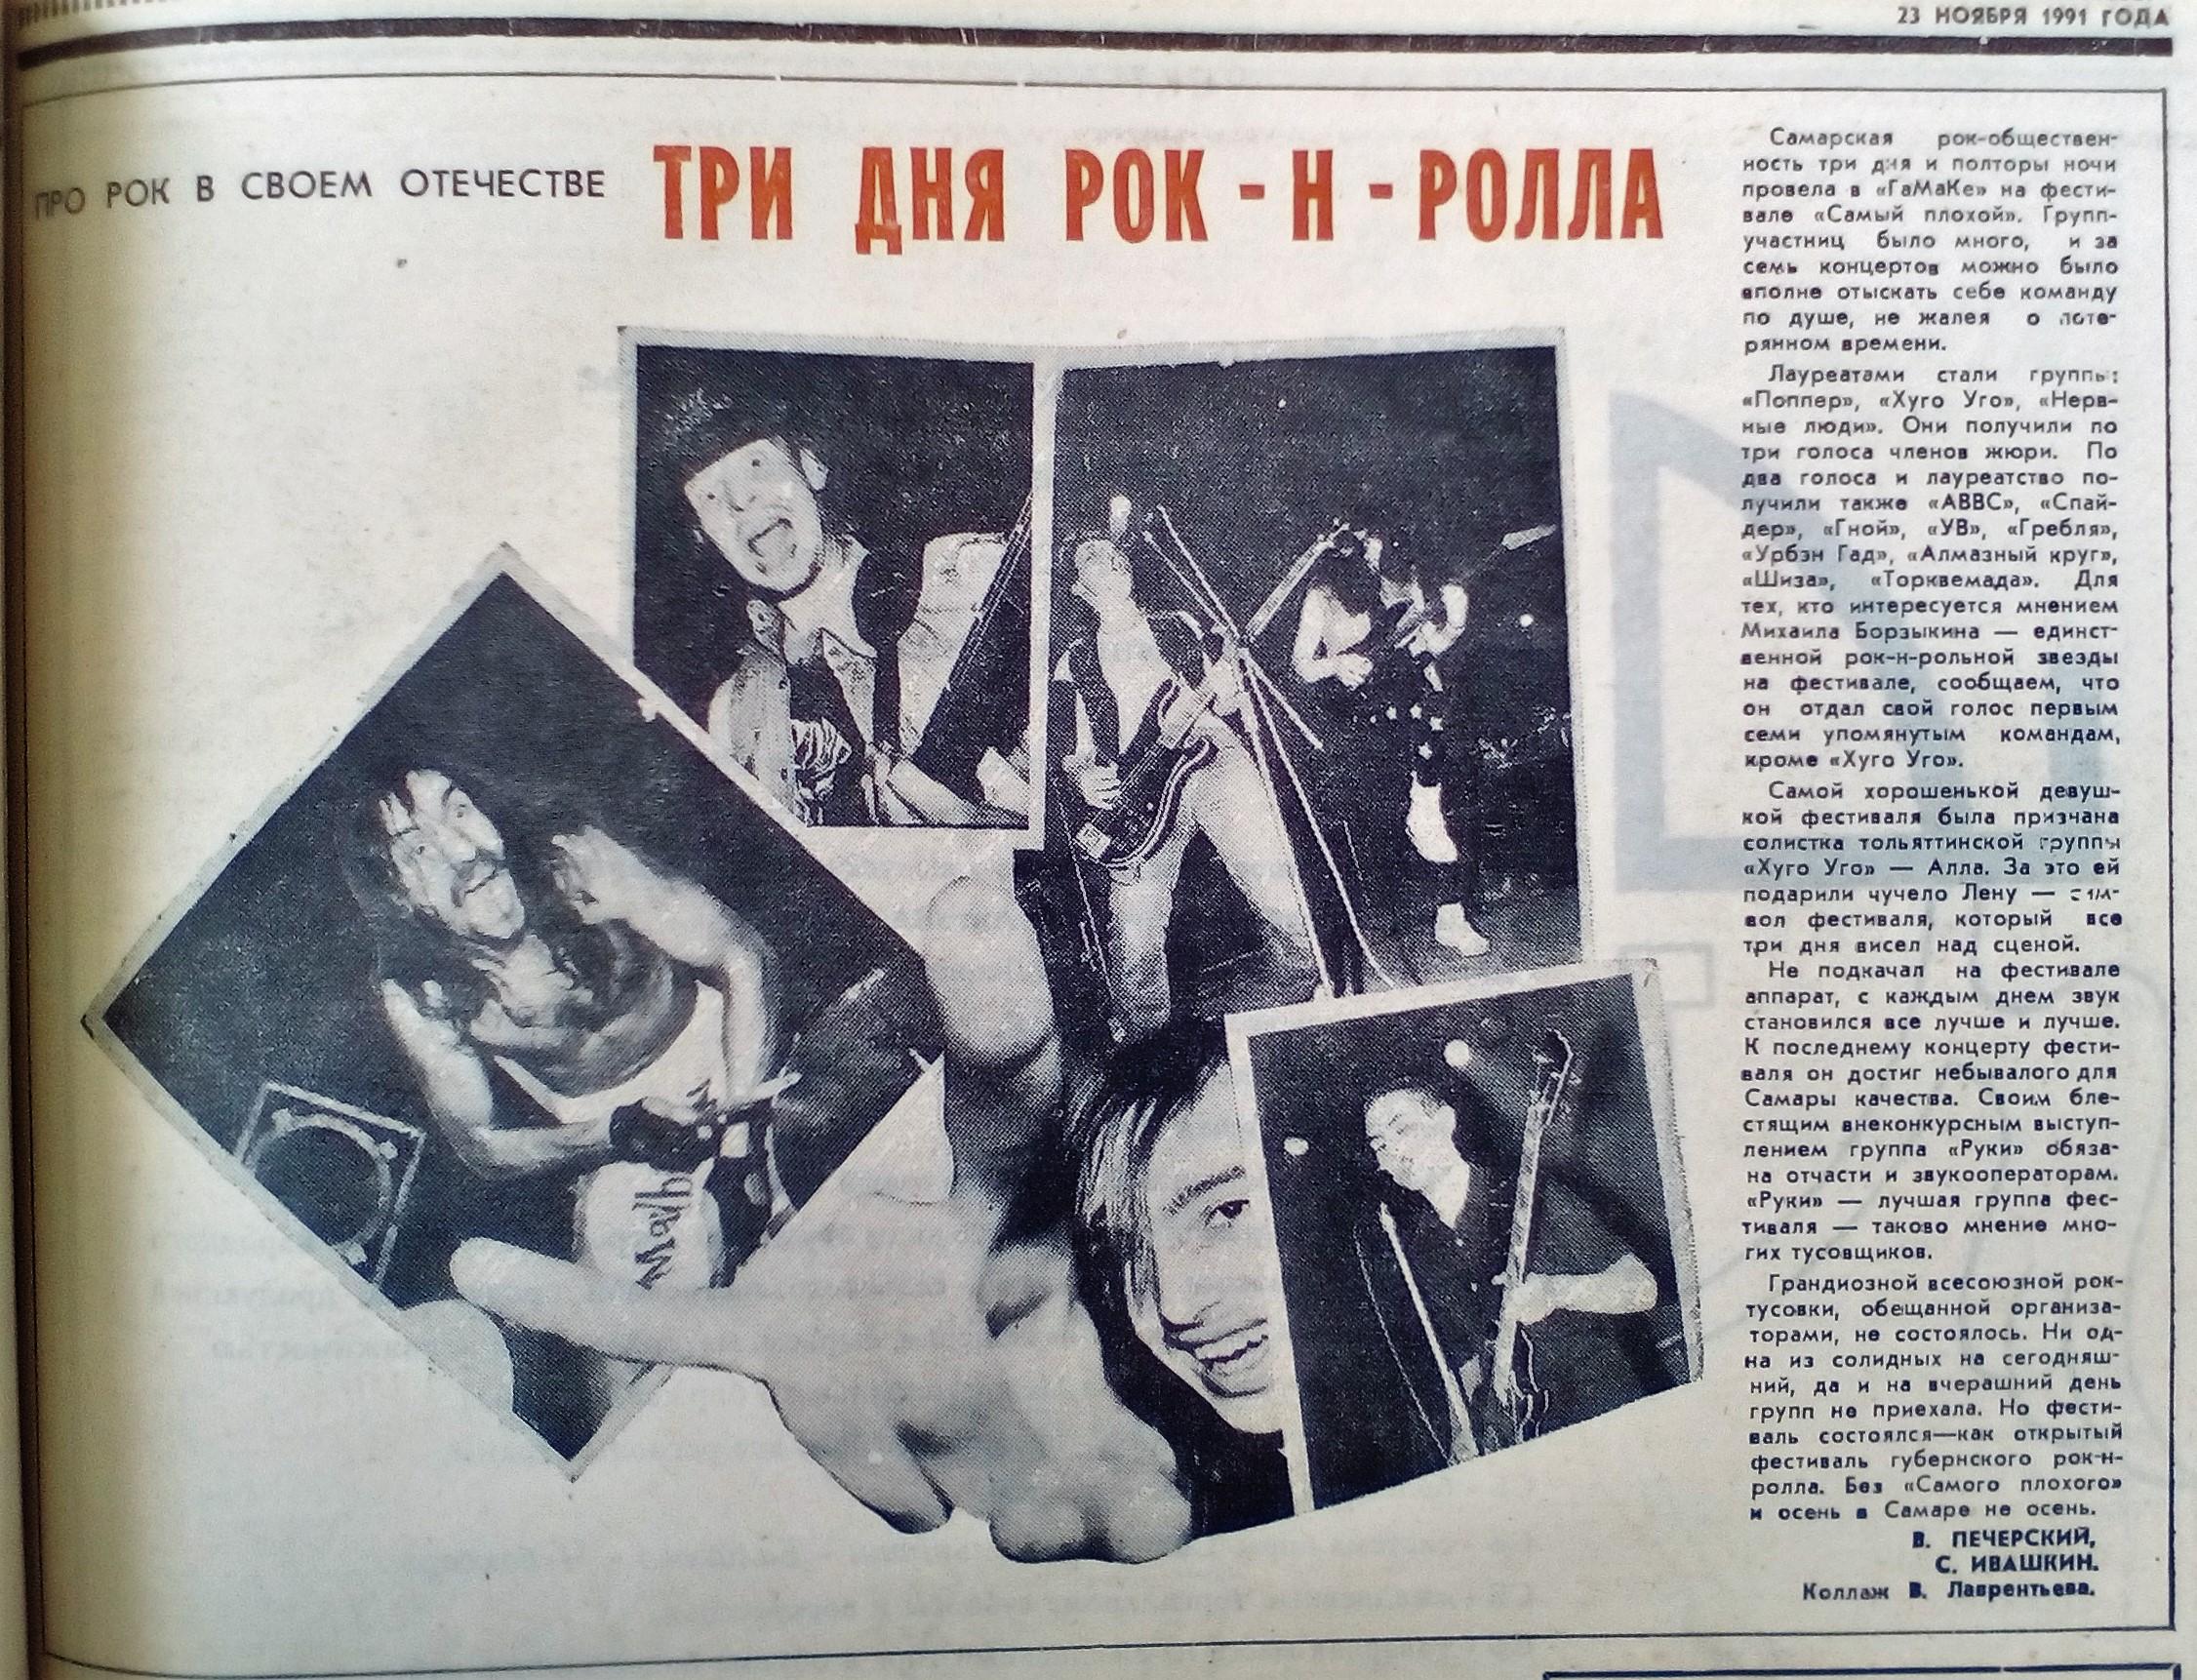 Волжск.Комсомол.16 ноября